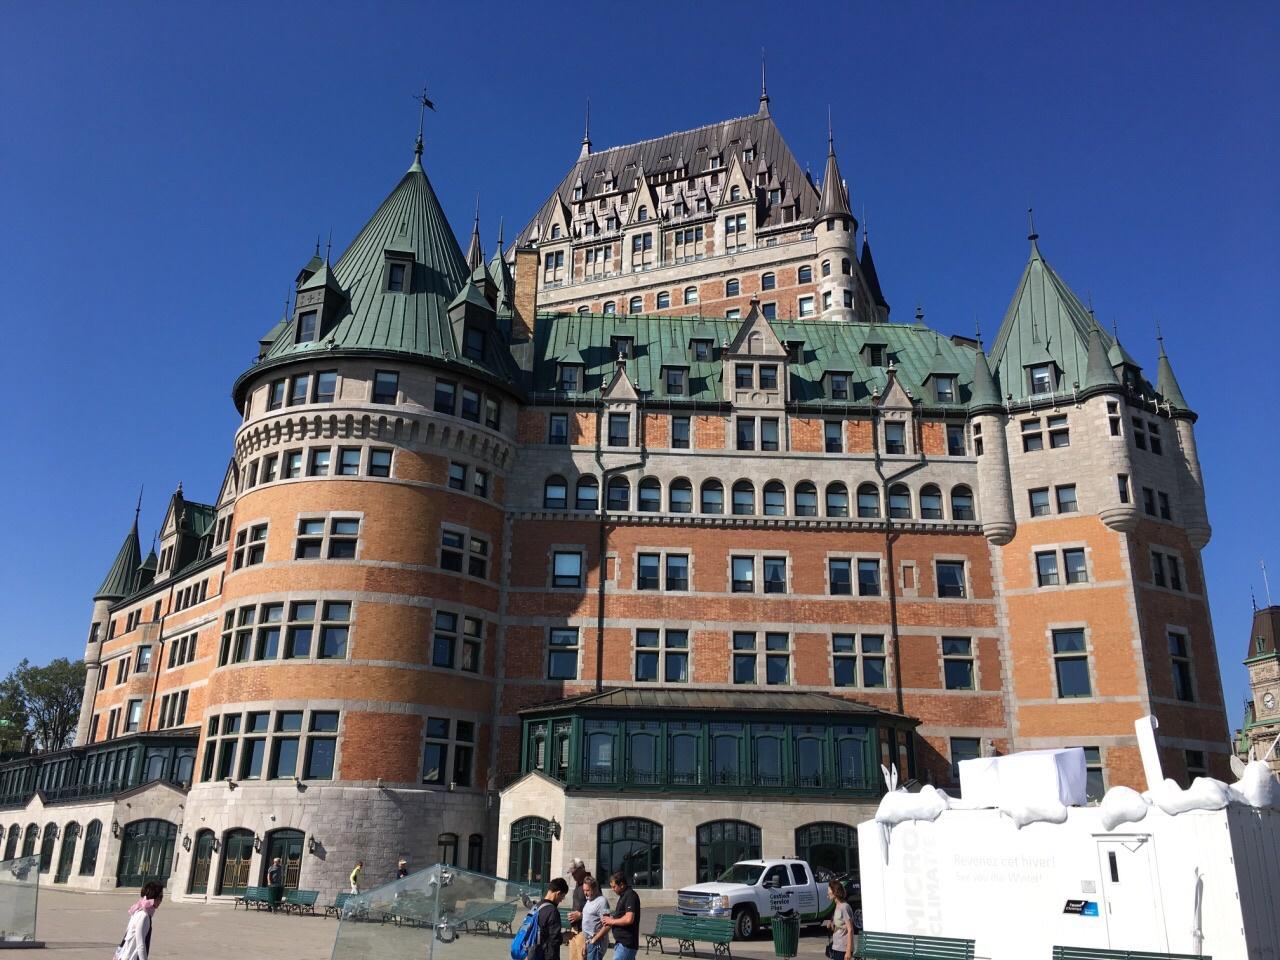 加拿大 魁北克 费尔蒙芳缇娜城堡酒店